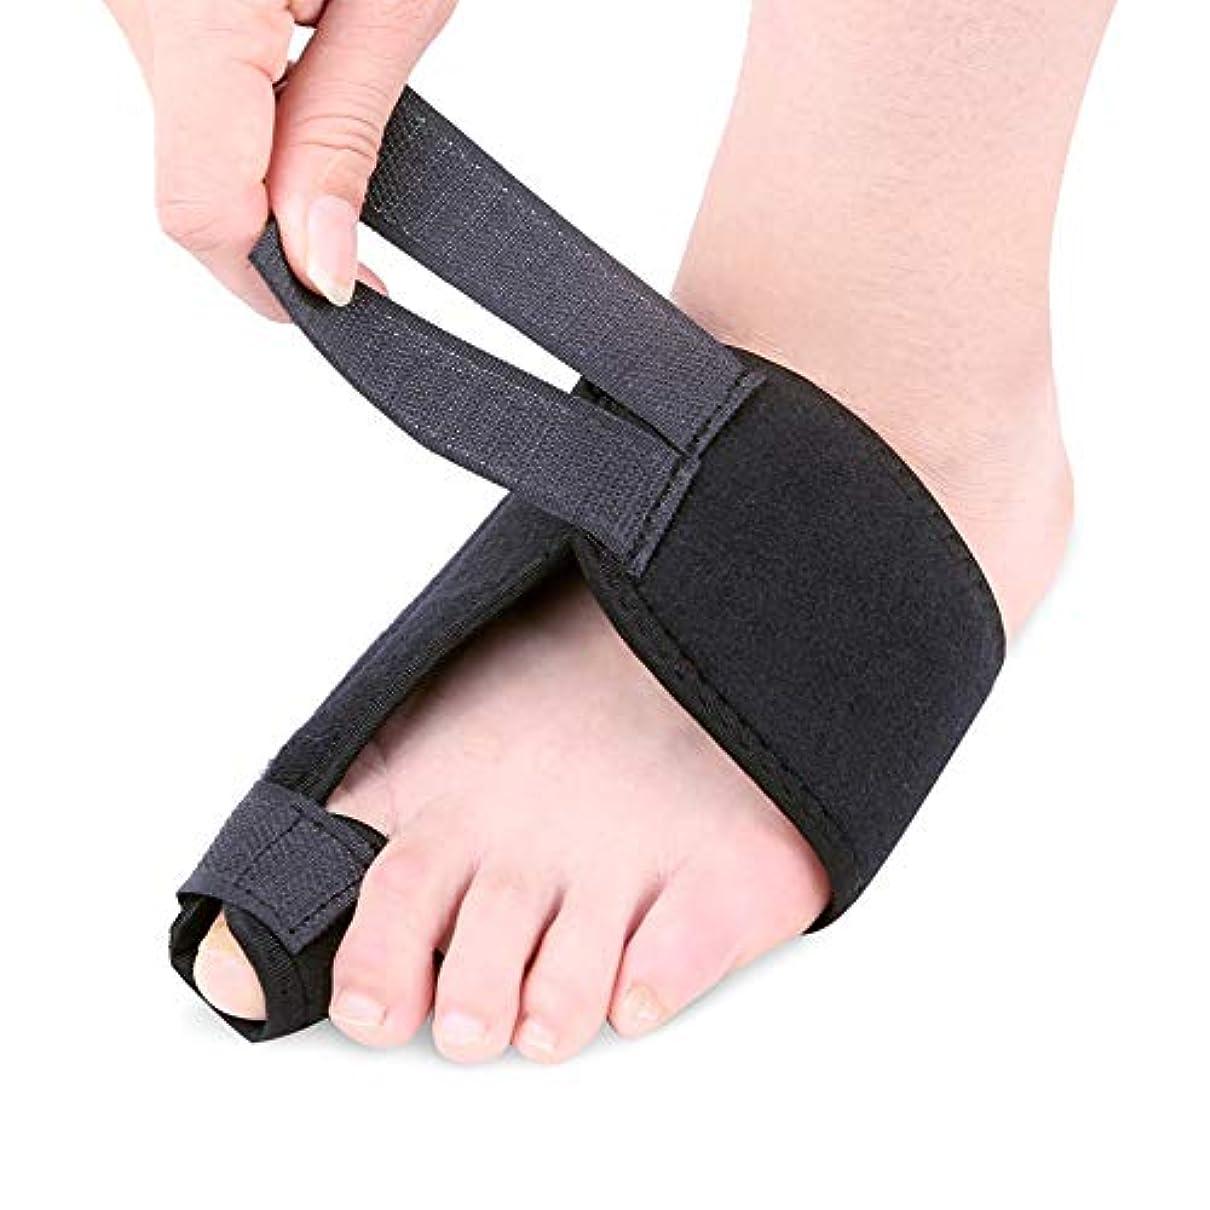 近代化クラシカルかわす外反母趾足指セパレーターは足指重複嚢胞通気性吸収汗を予防し、ヨガ後の痛みと変形を軽減,M